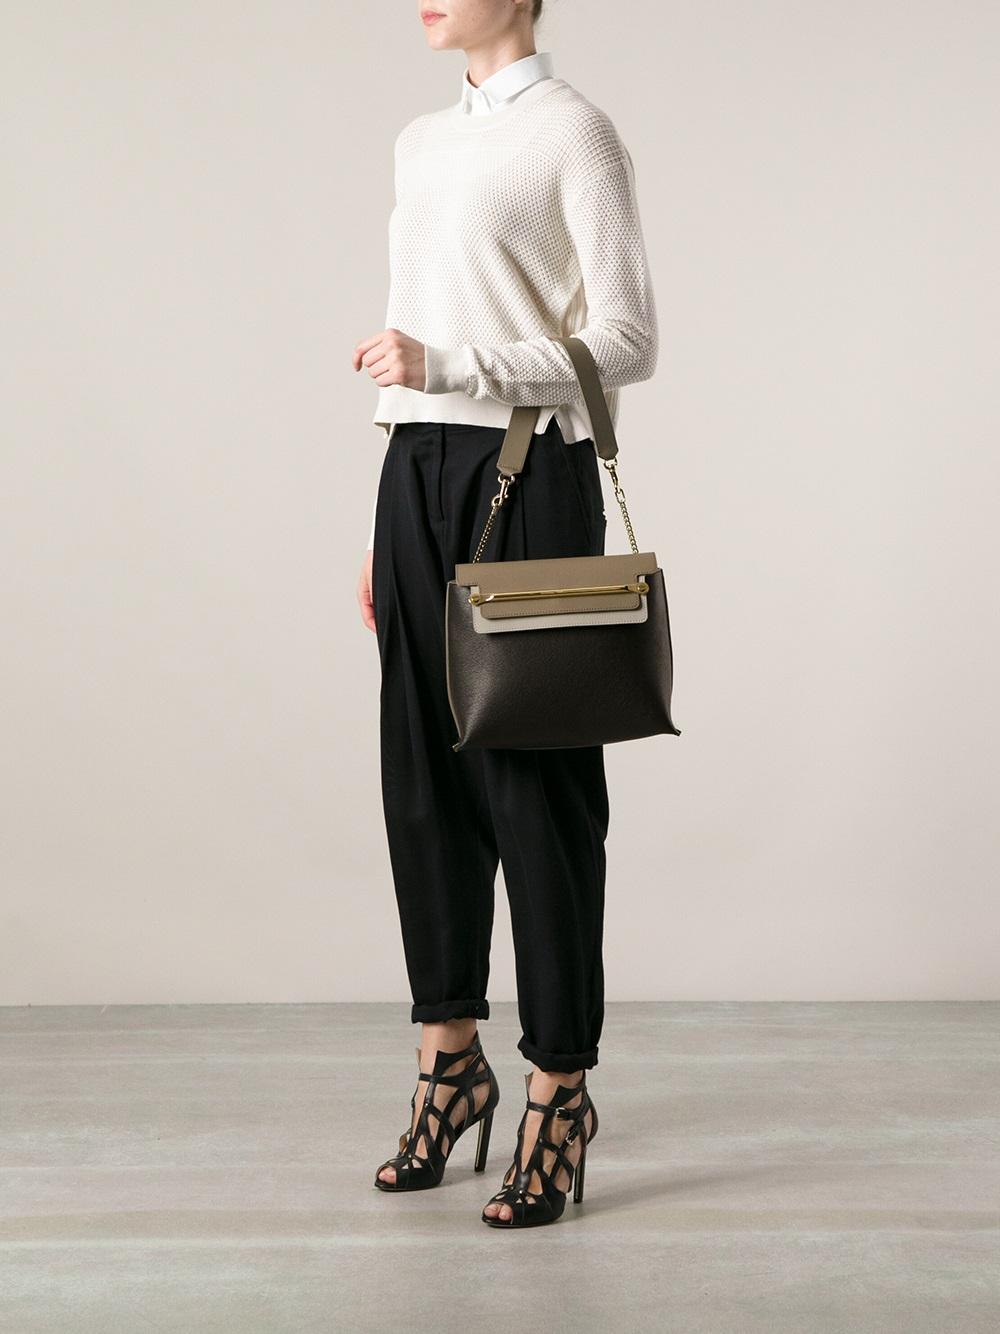 fake chloe bags uk - Chlo�� Medium \u0026#39;Clare\u0026#39; Shoulder Bag in Black | Lyst